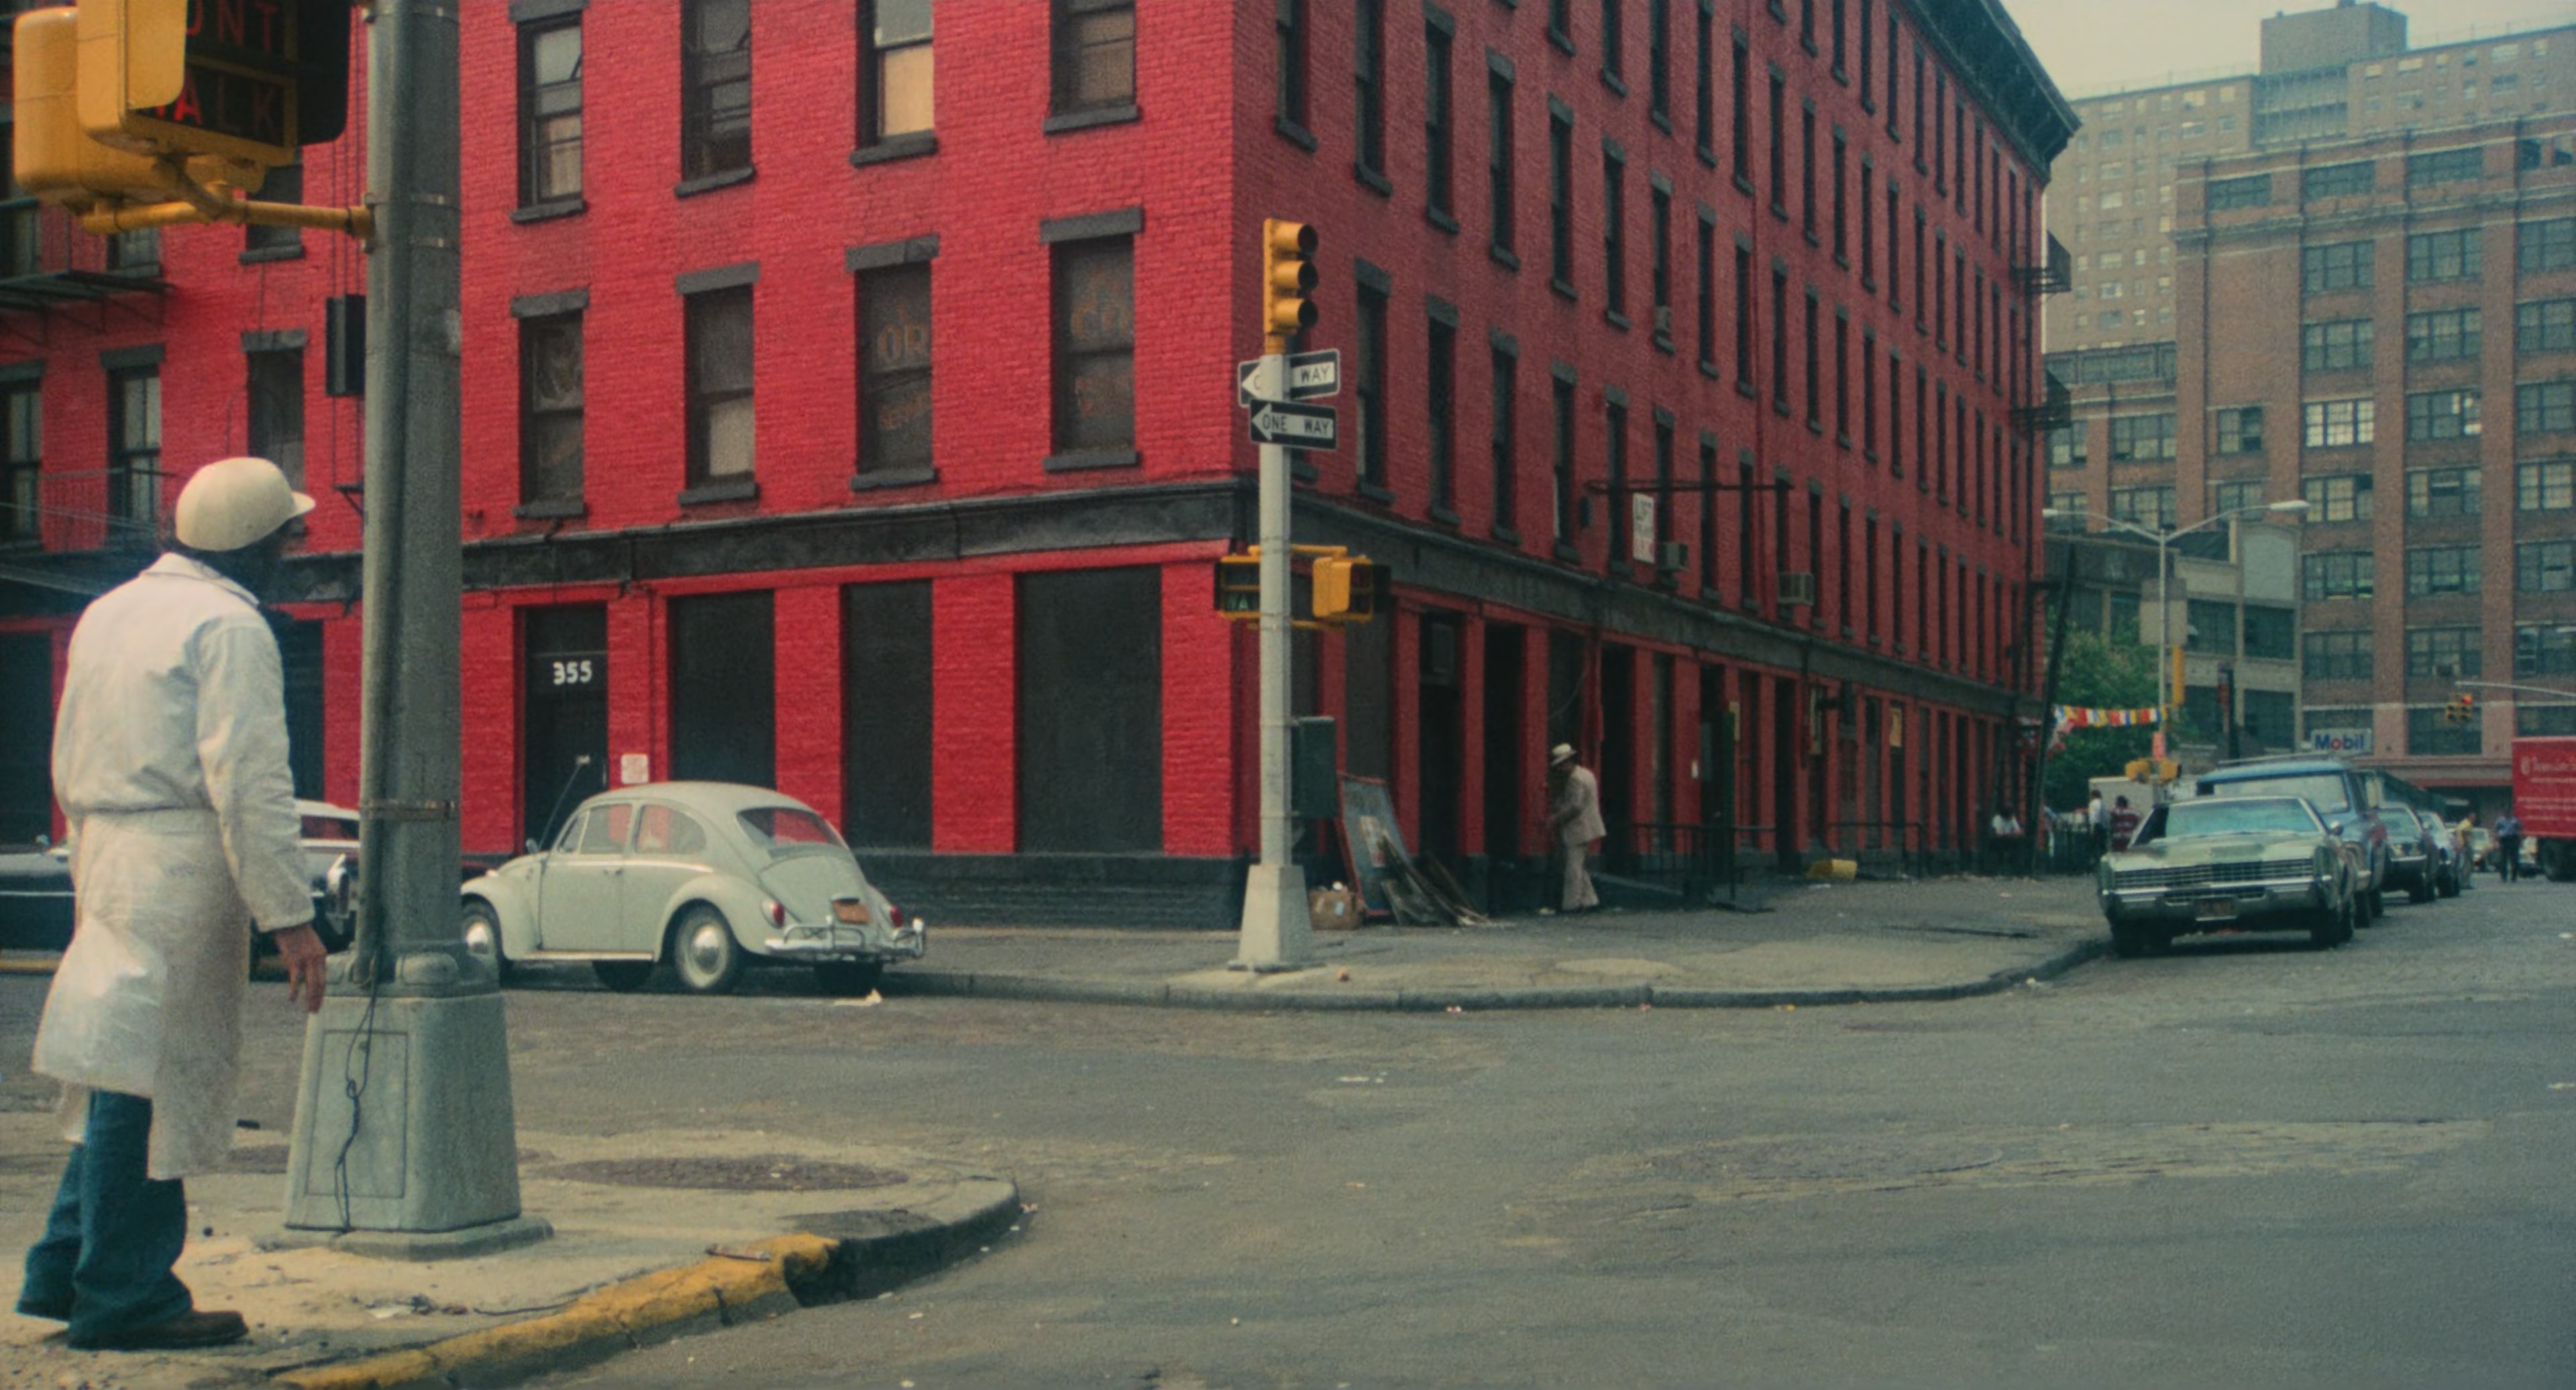 extrait du milieu du film avec le héros tout à gauche du plan, un bâtiment rouge vif au milieu, la rue à droite avec une perspective qui en jette